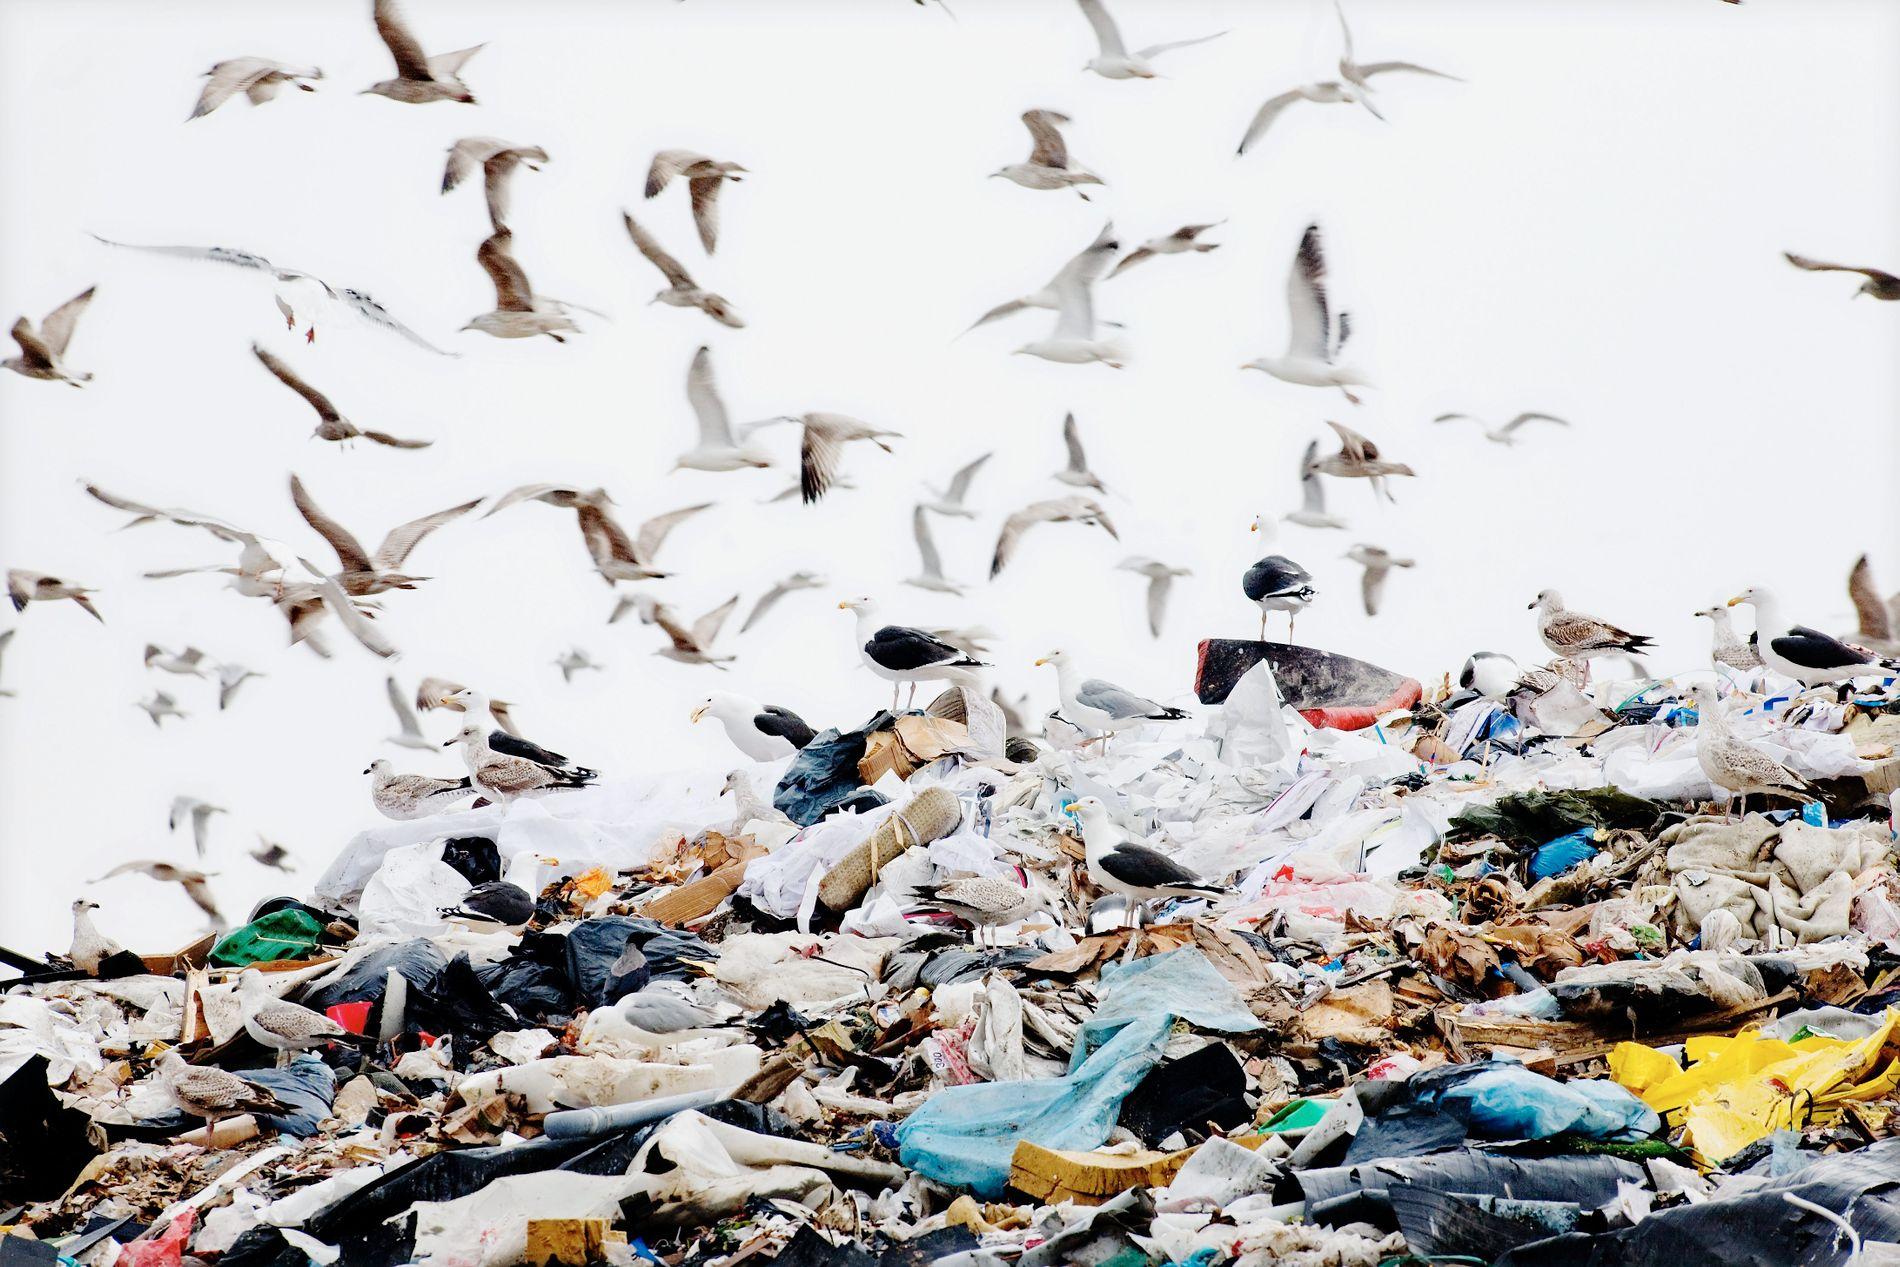 PLASTHAV: Mennesker er avhengig av næringskjeden for å fungere, når mikroplast har lurt seg inn i næringskjeden er det på tide å komme med noen tips til hvordan vi kan unngå det. FOTO: LINN CATHRIN OLSEN VG.